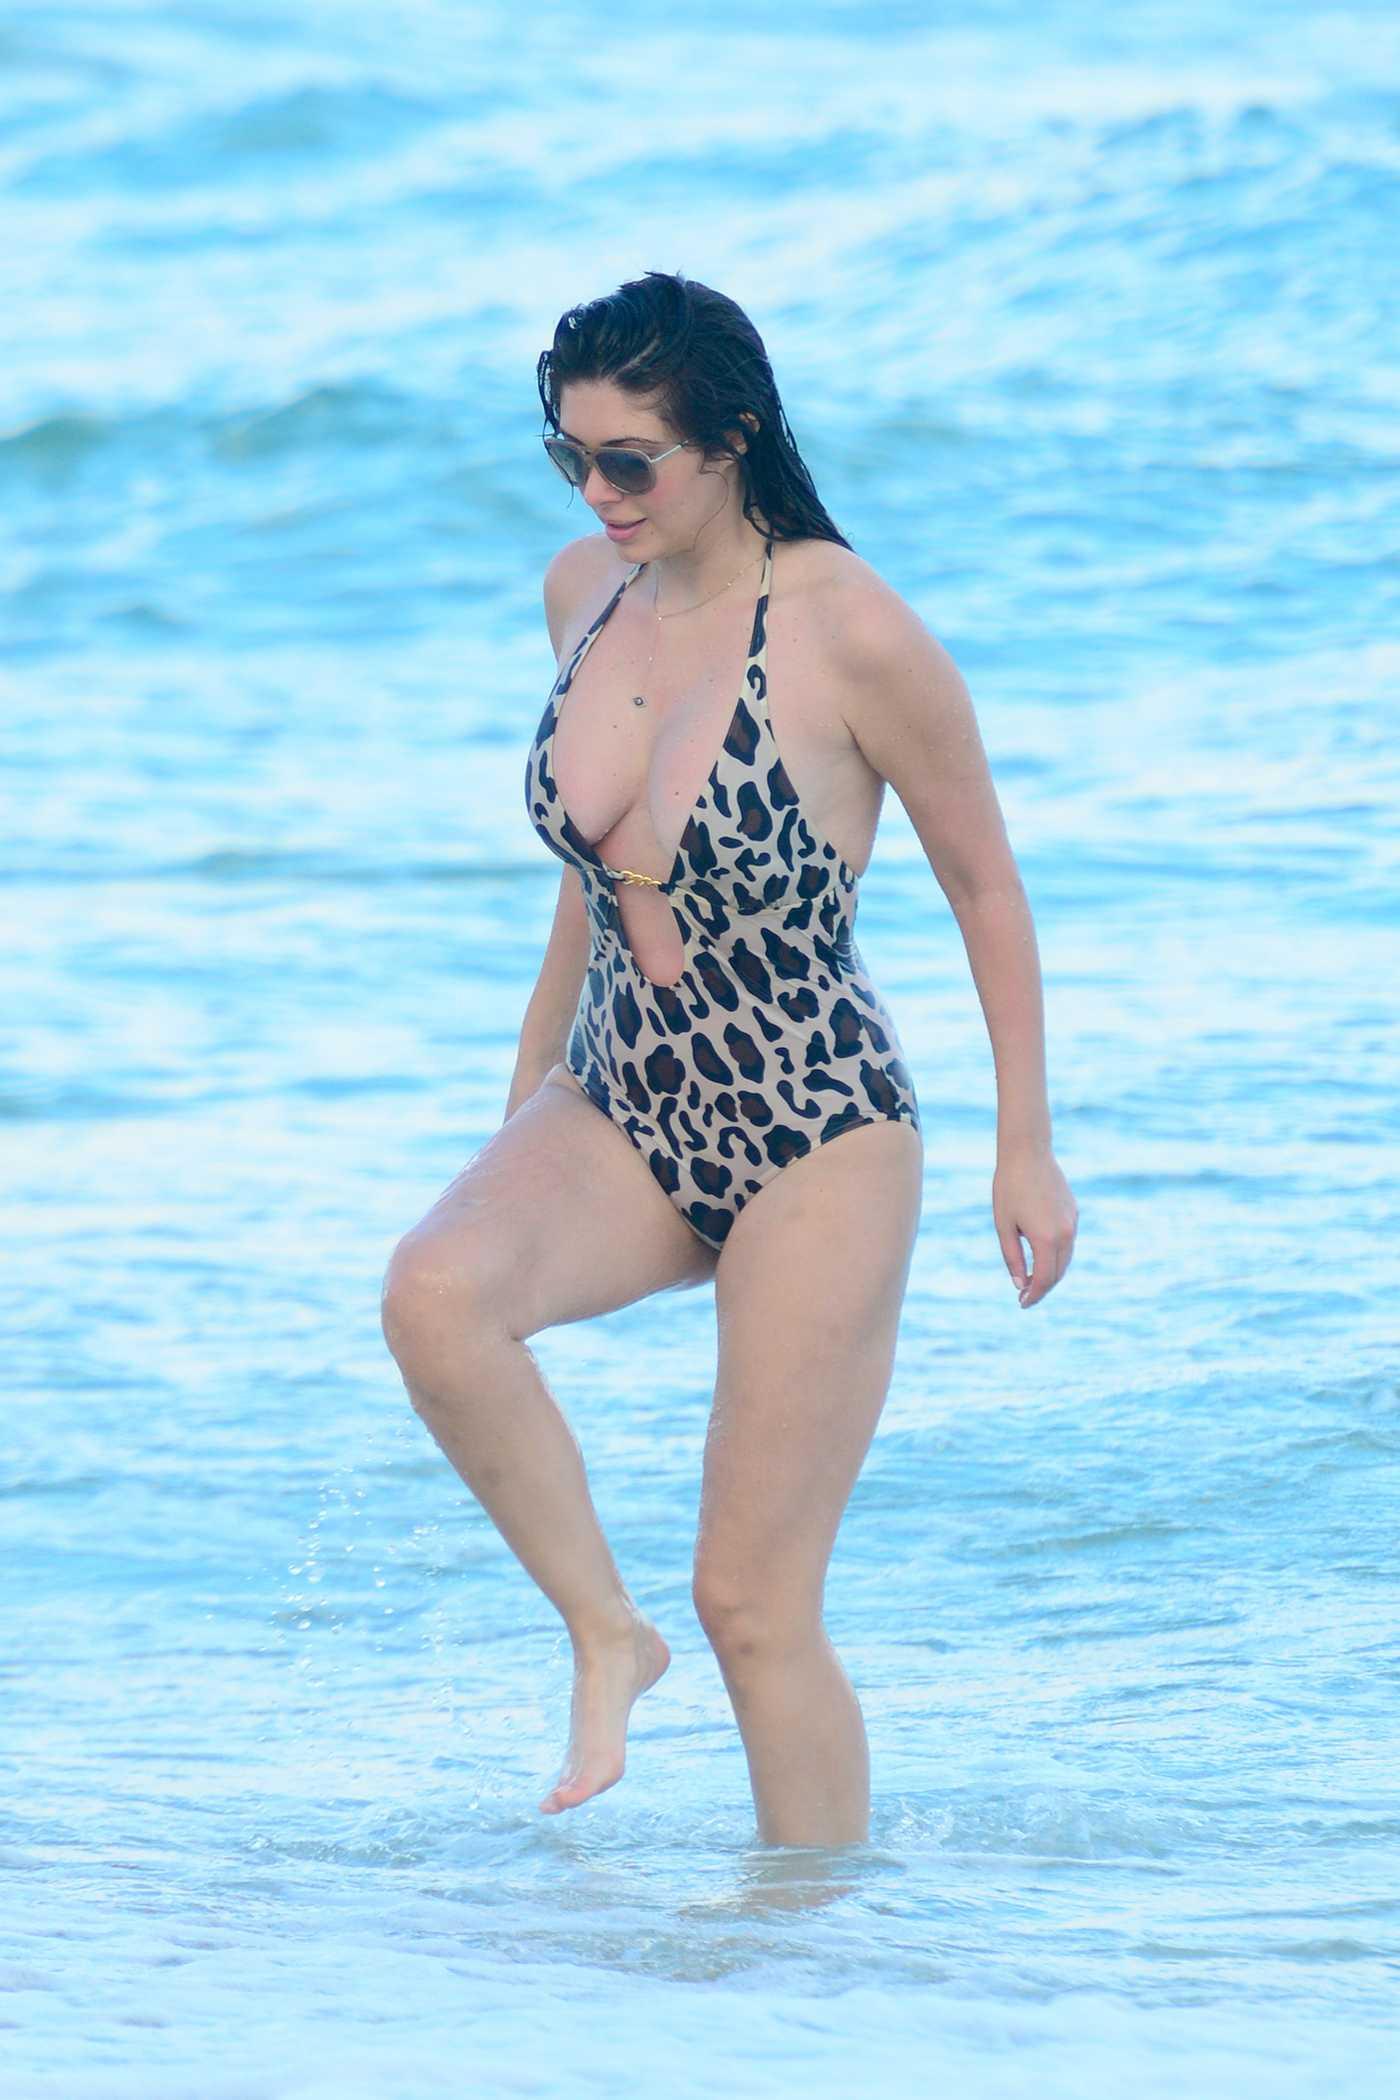 Brittny Gastineau Wearing Bikini On the beach in Miami